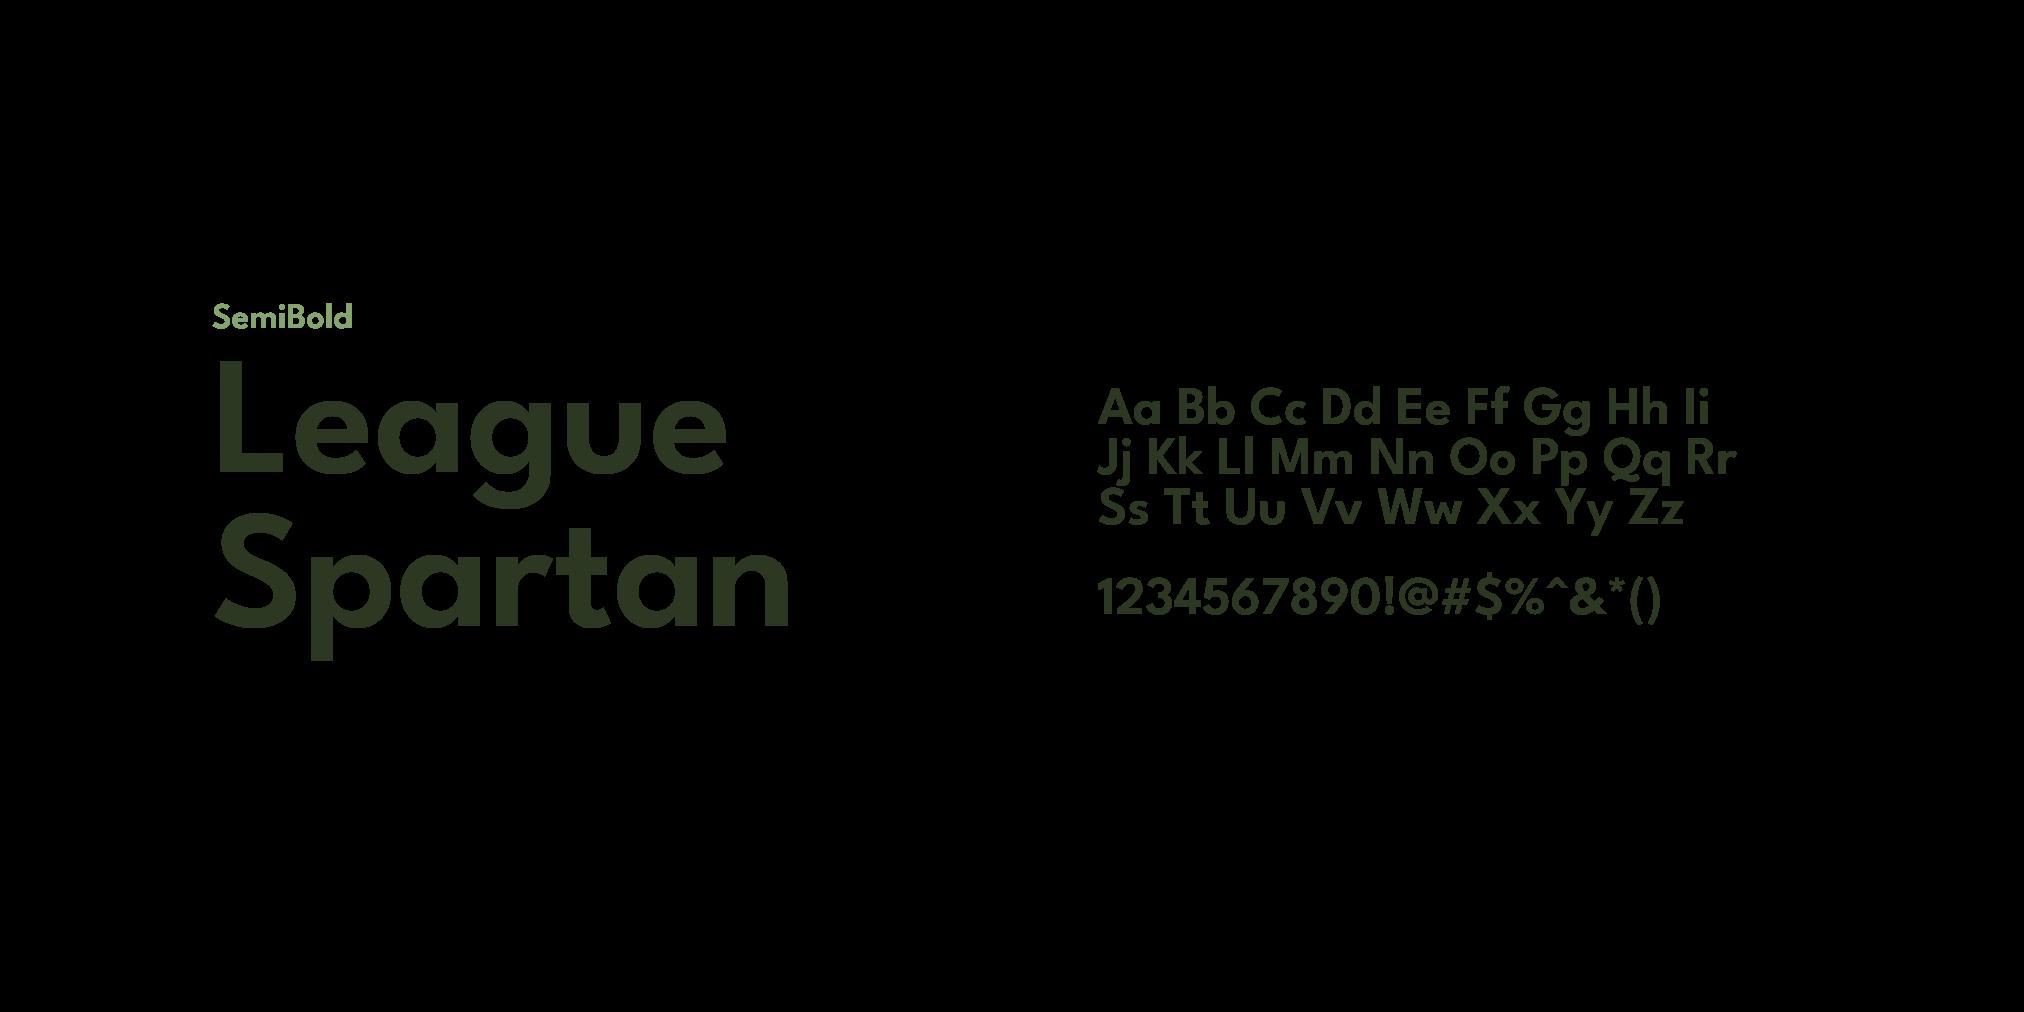 League Spartan